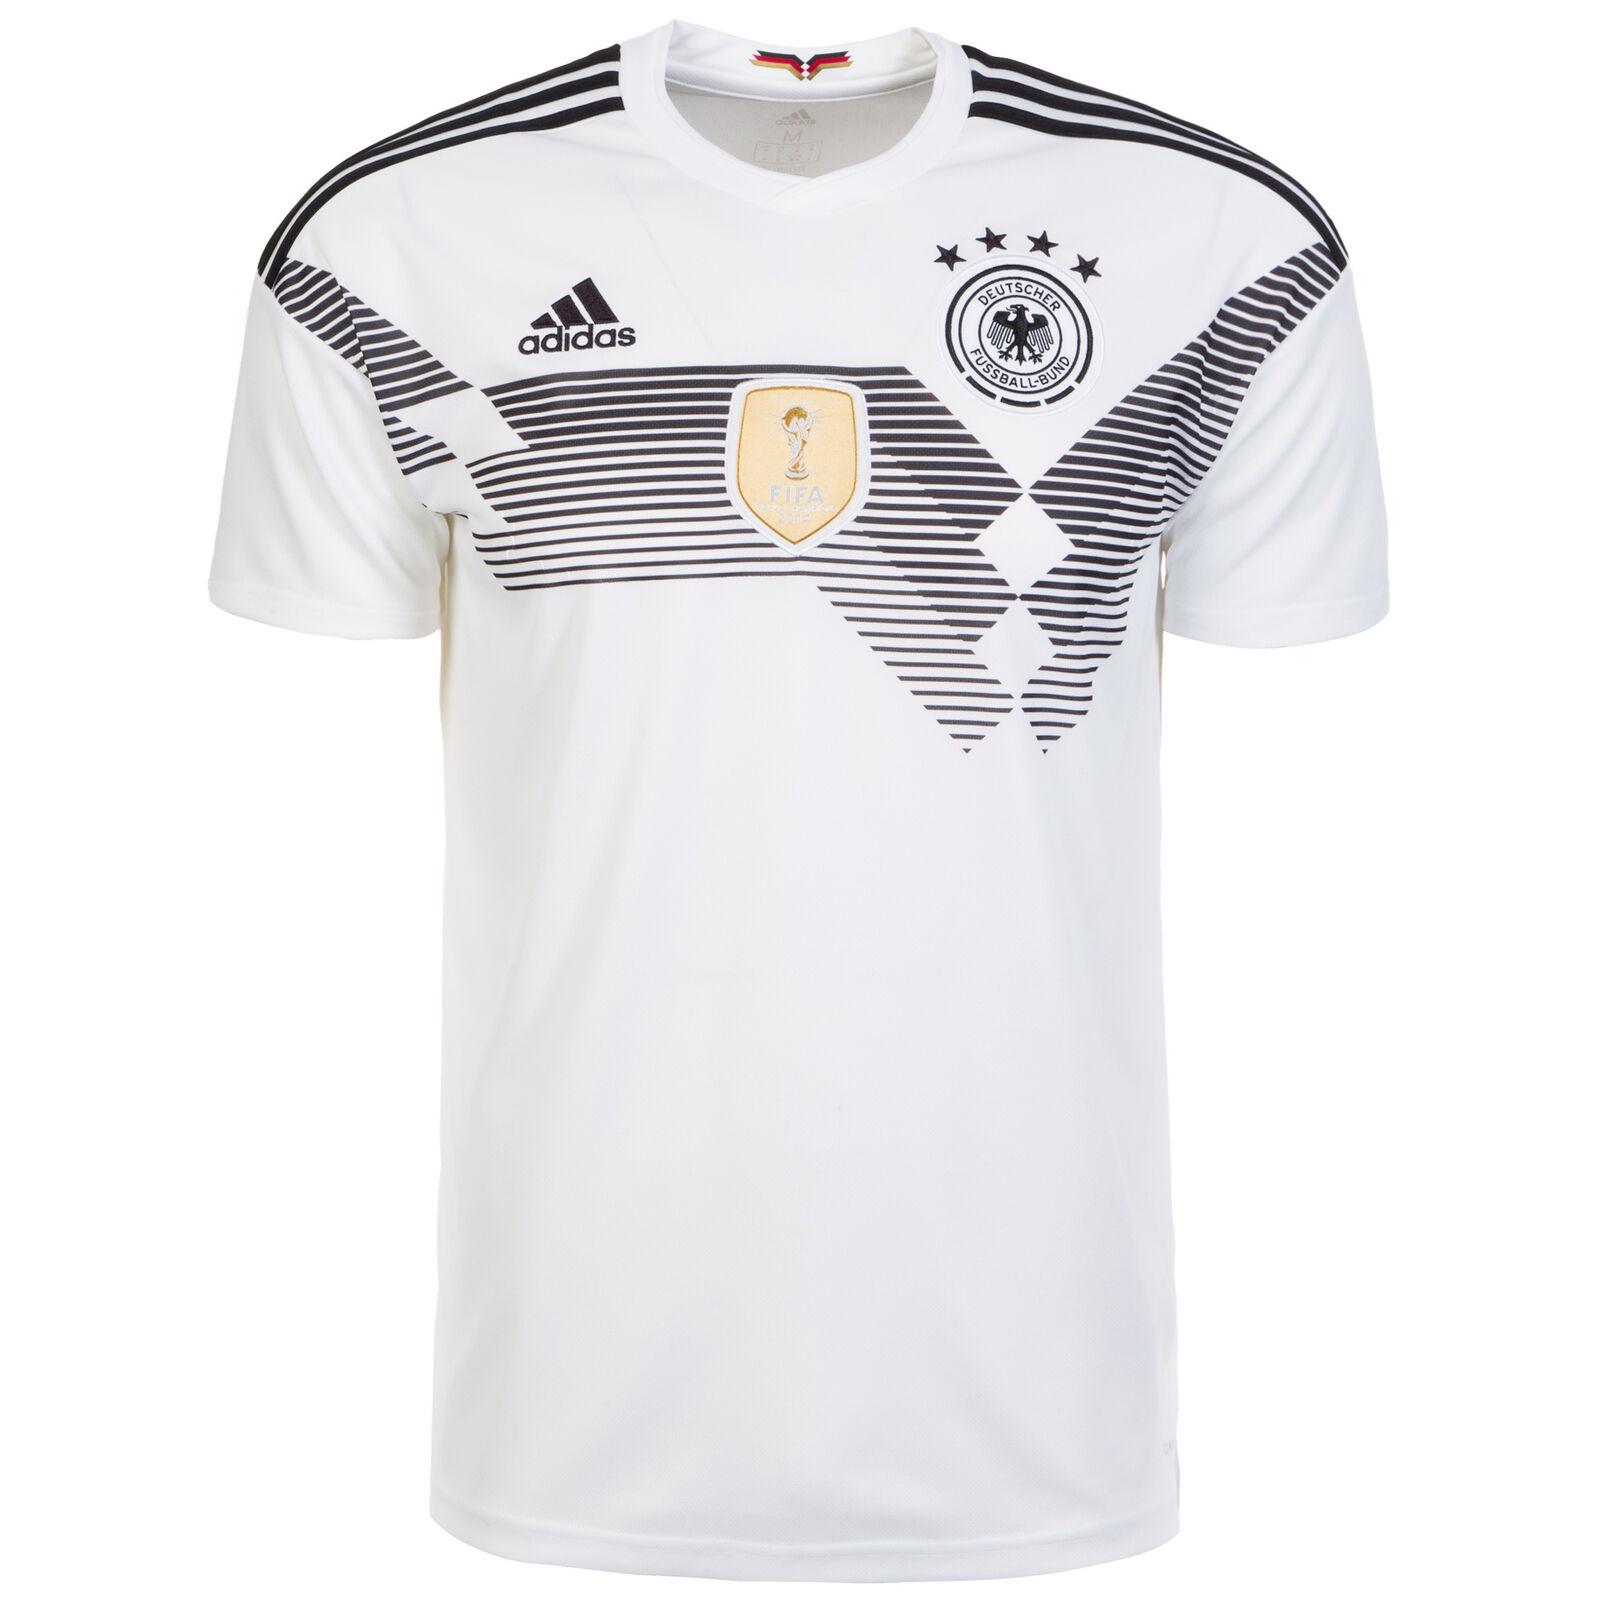 Adidas Performance DFB Trikot Home WM 2018 Herren weiß   schwarz NEU  | Billig ideal